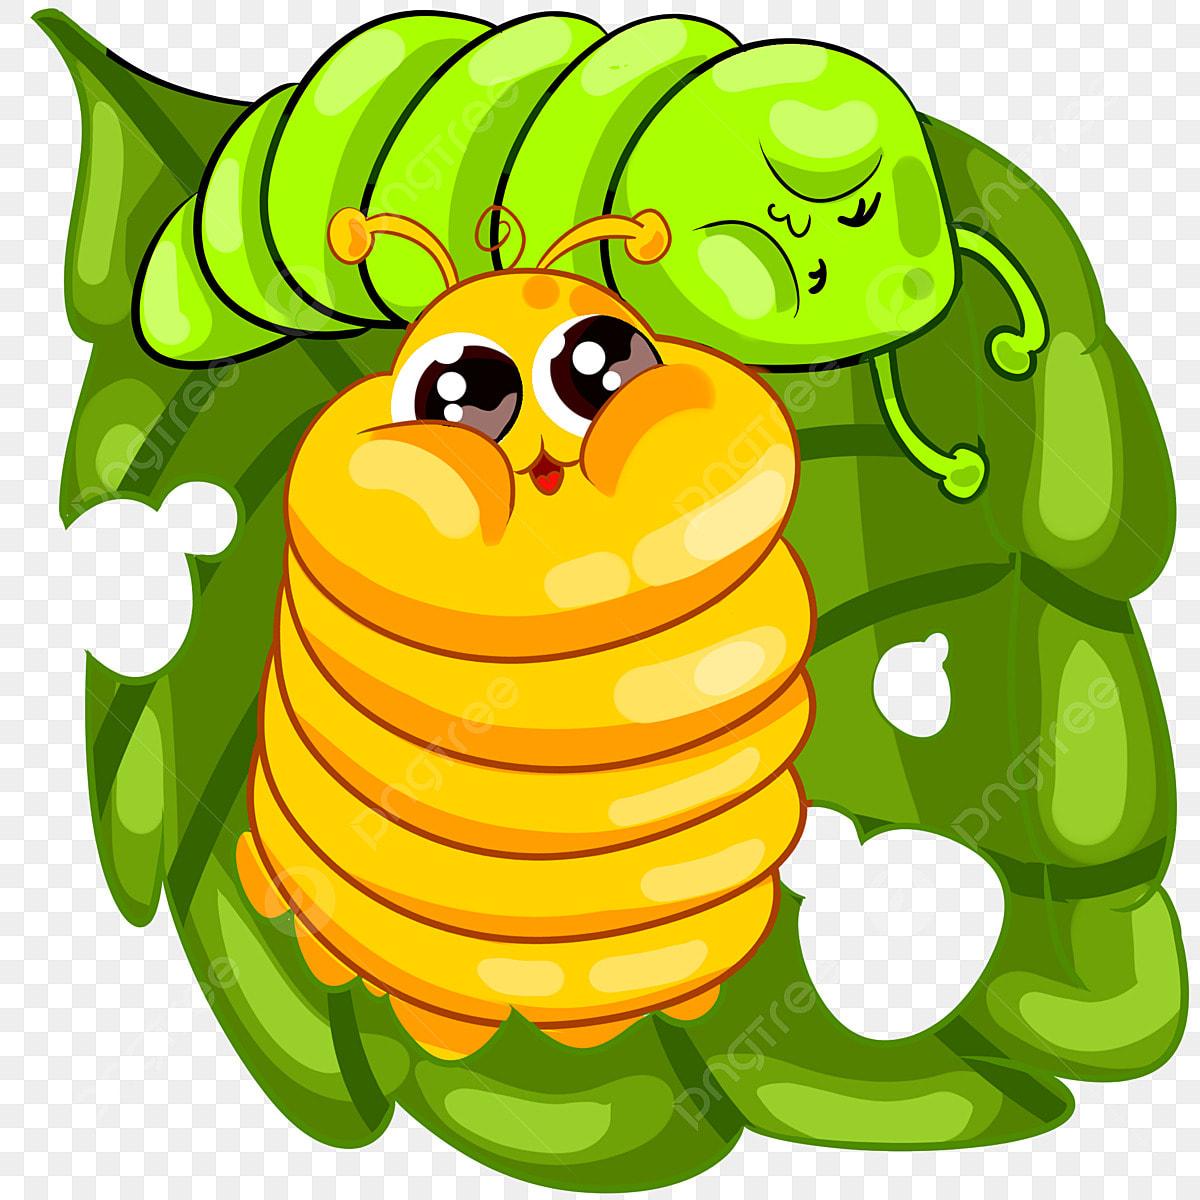 Insecte Insecte Jaune Insecte Vert Insecte Mignon Punaise Bug Jaune Bug Vert Fichier Png Et Psd Pour Le Telechargement Libre